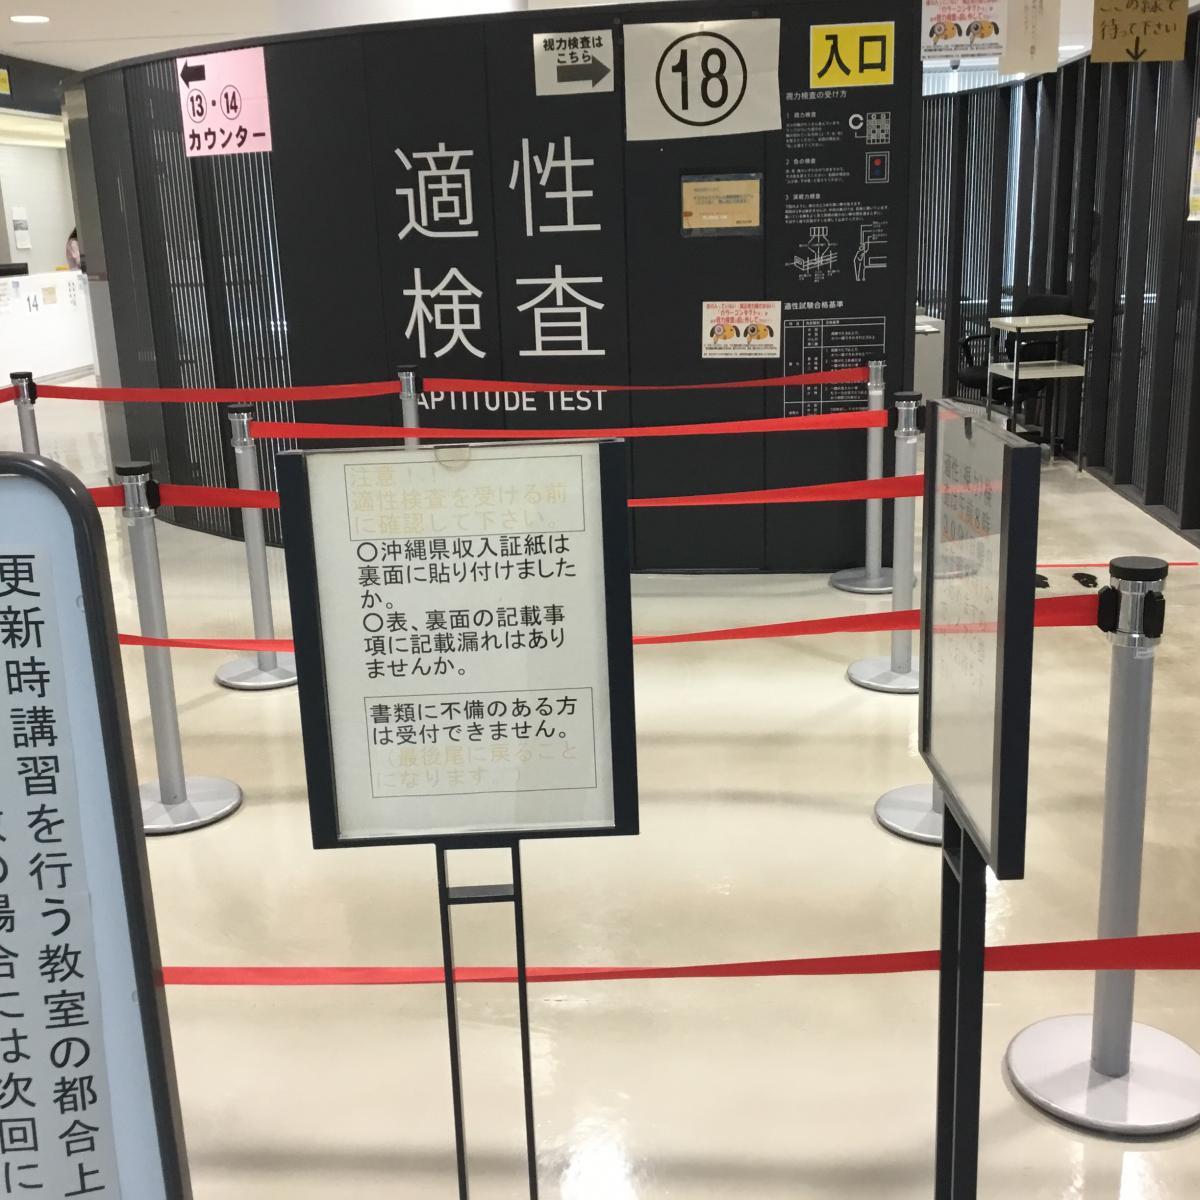 免許 センター 運転 沖縄 県 警察